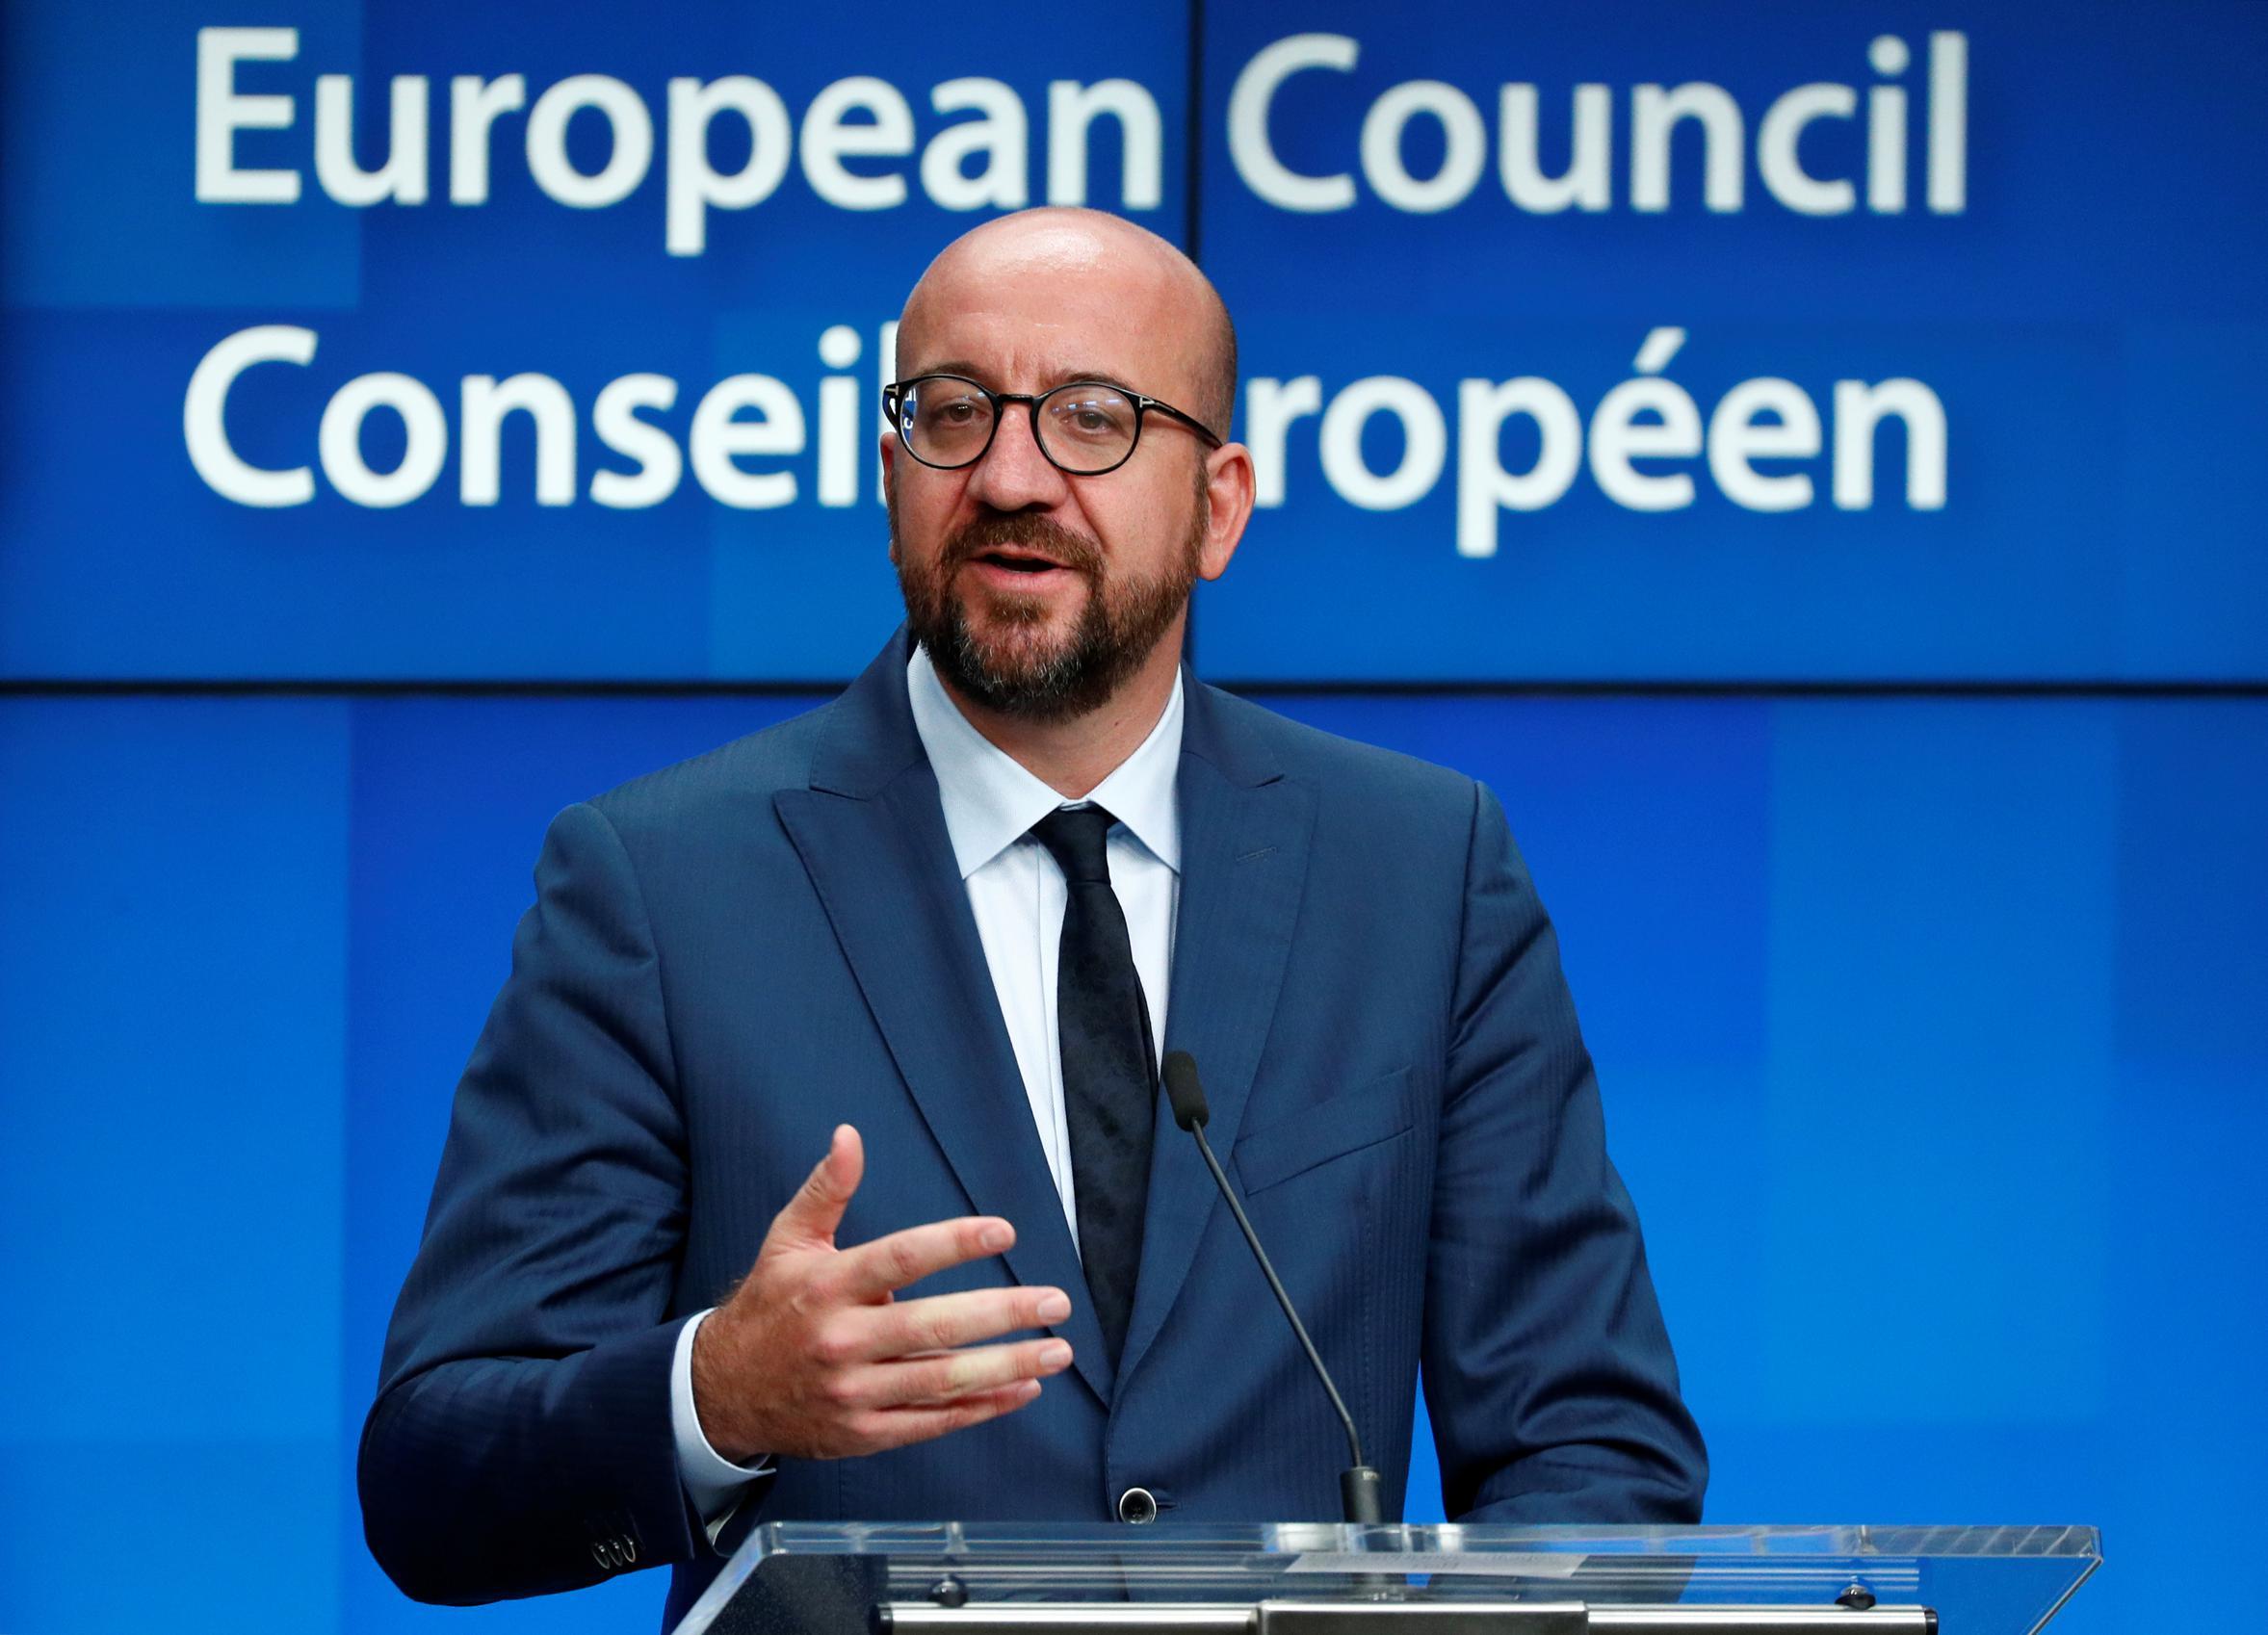 ΕΕ: Συμπεράσματα Michel μετά τη τηλεδιάσκεψη του Ευρωπαϊκού Συμβουλίου